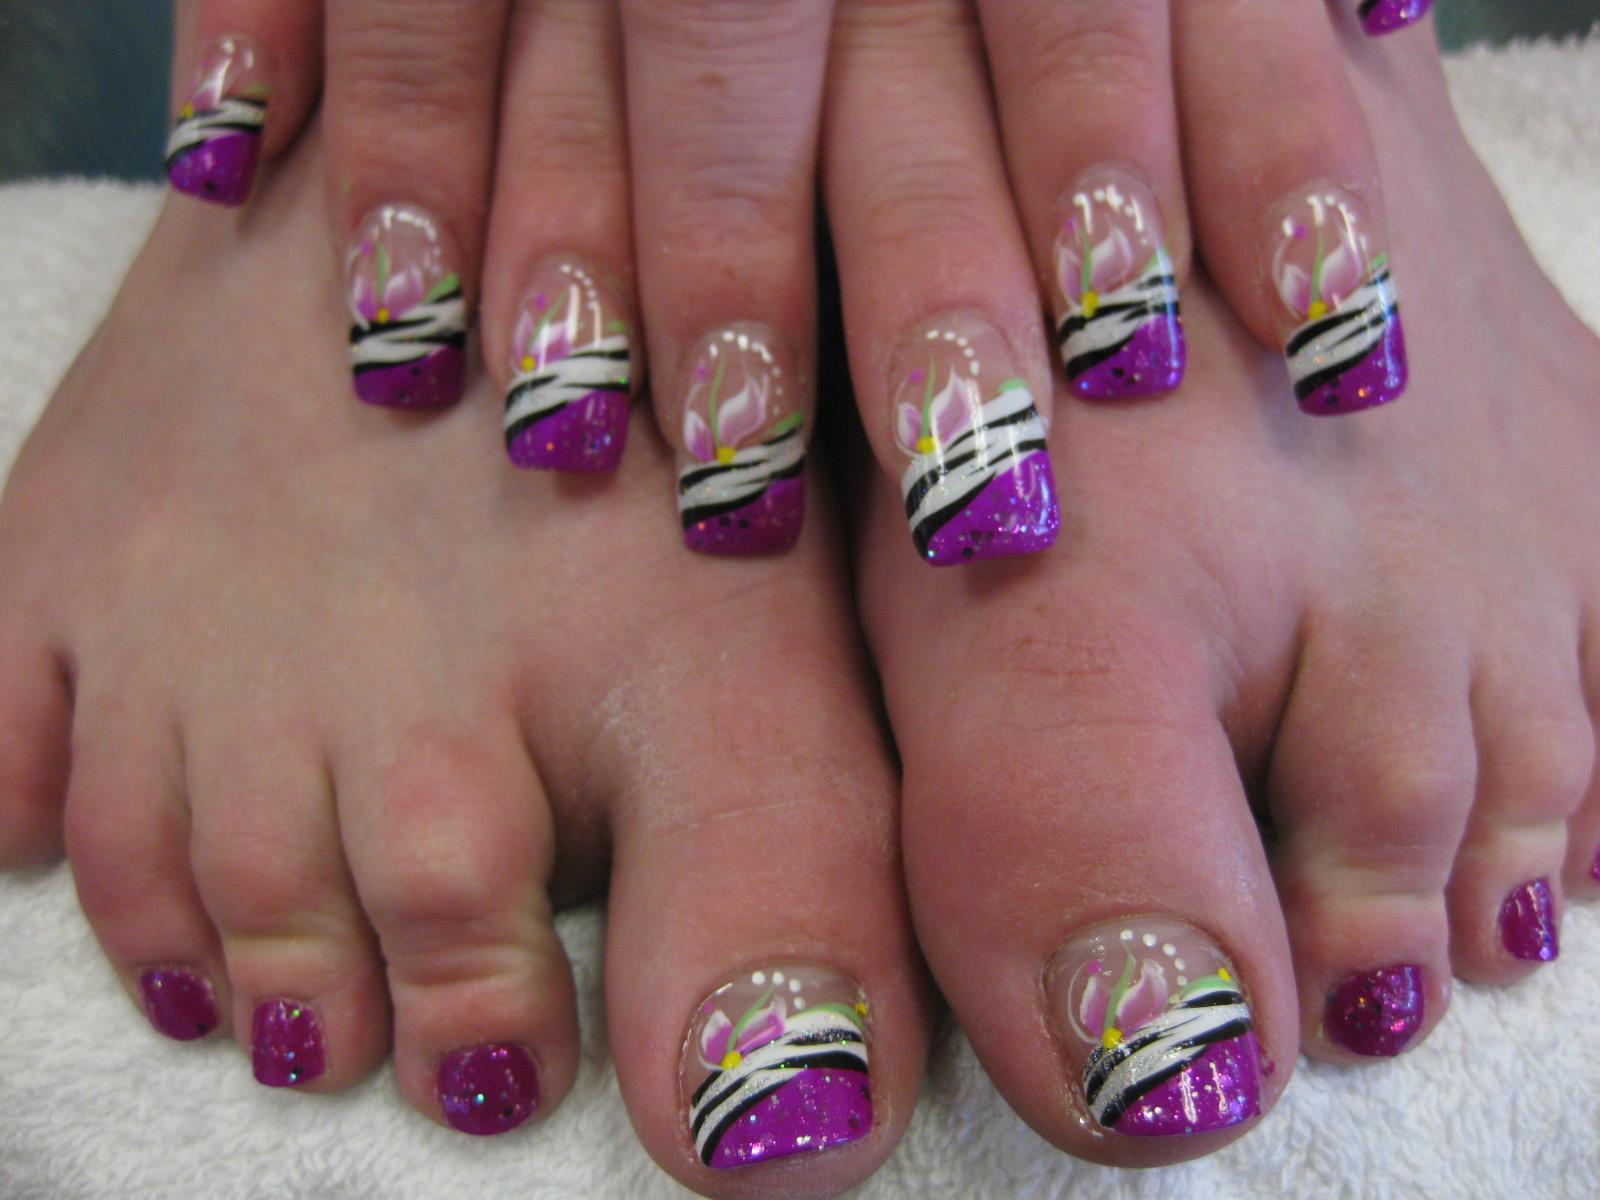 Famous Nail Art For Long Nails Thick Nice Nail Art Ideas Regular Cartoon Nail Art Designs Baby Shower Nail Polish Favors Old Nail Polish With Glitter GrayNail Polish Formaldehyde Free 009